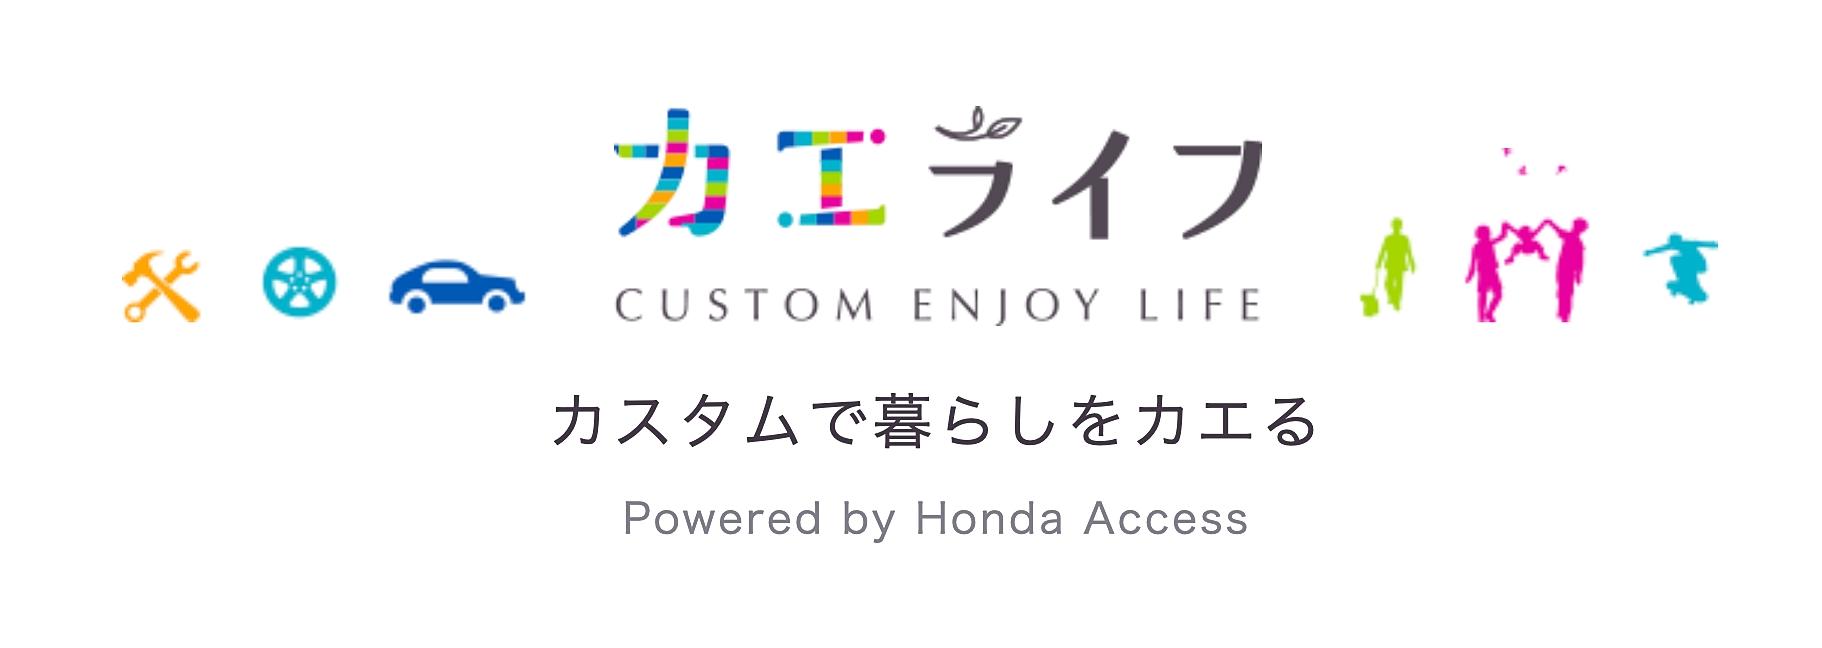 ホンダアクセスのオウンドメディア「カエライフ」ロゴ